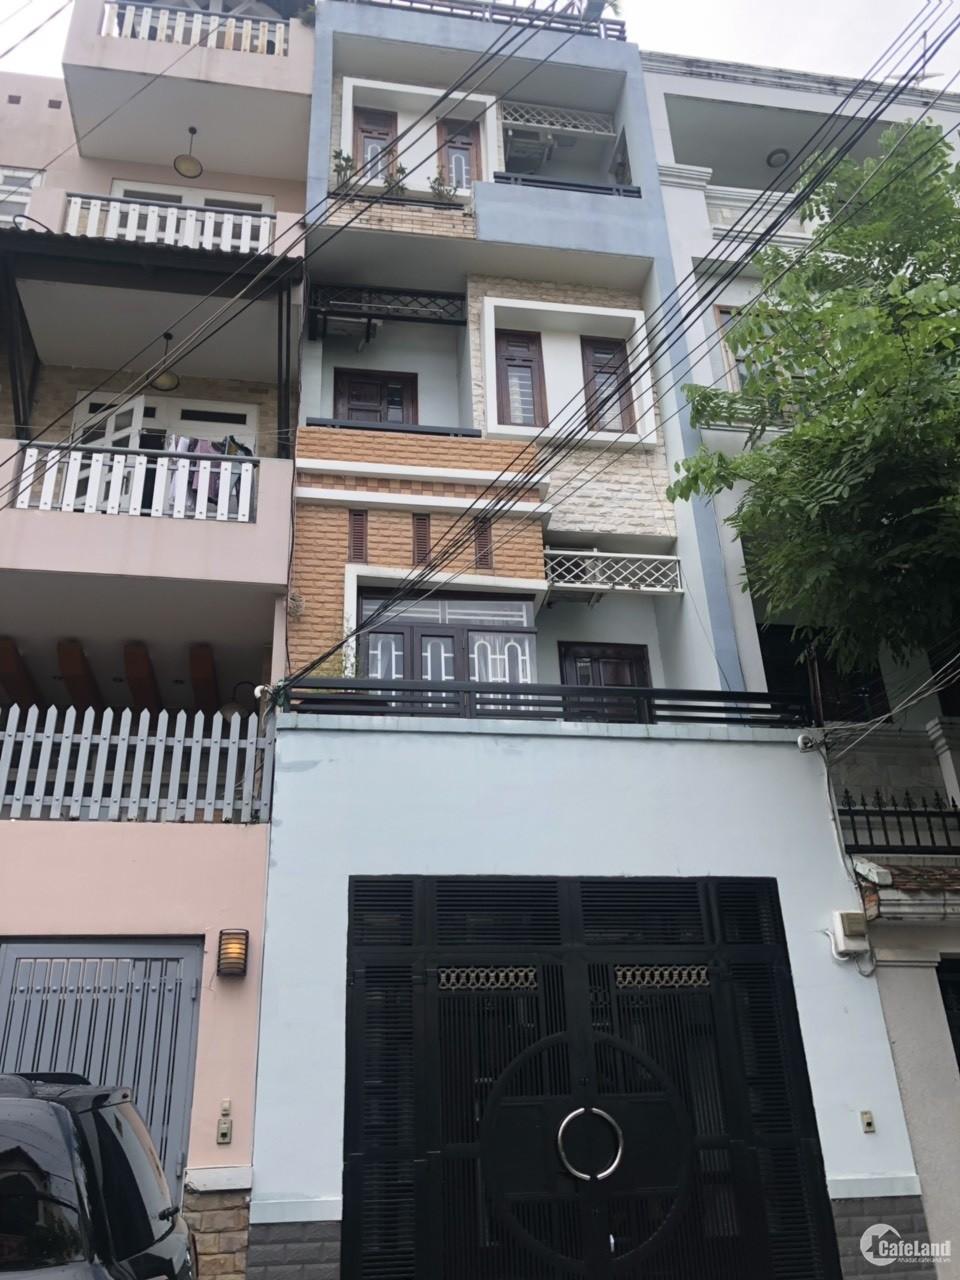 Chính chủ cần bán căn nhà 3 lầu mới HXH D5,Phường 25,Bình Thạnh.